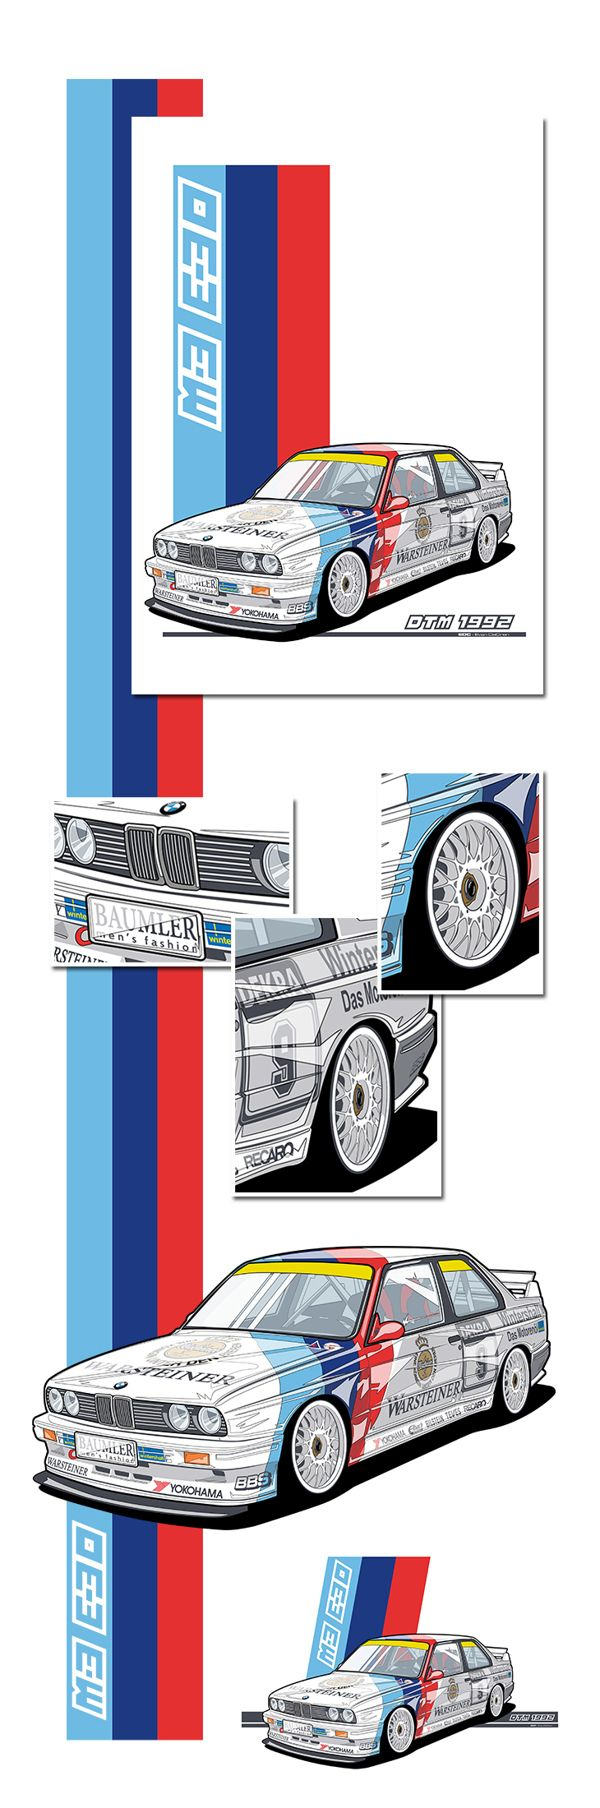 BMW - M3 E30 DTM                                                                                                                                                      More